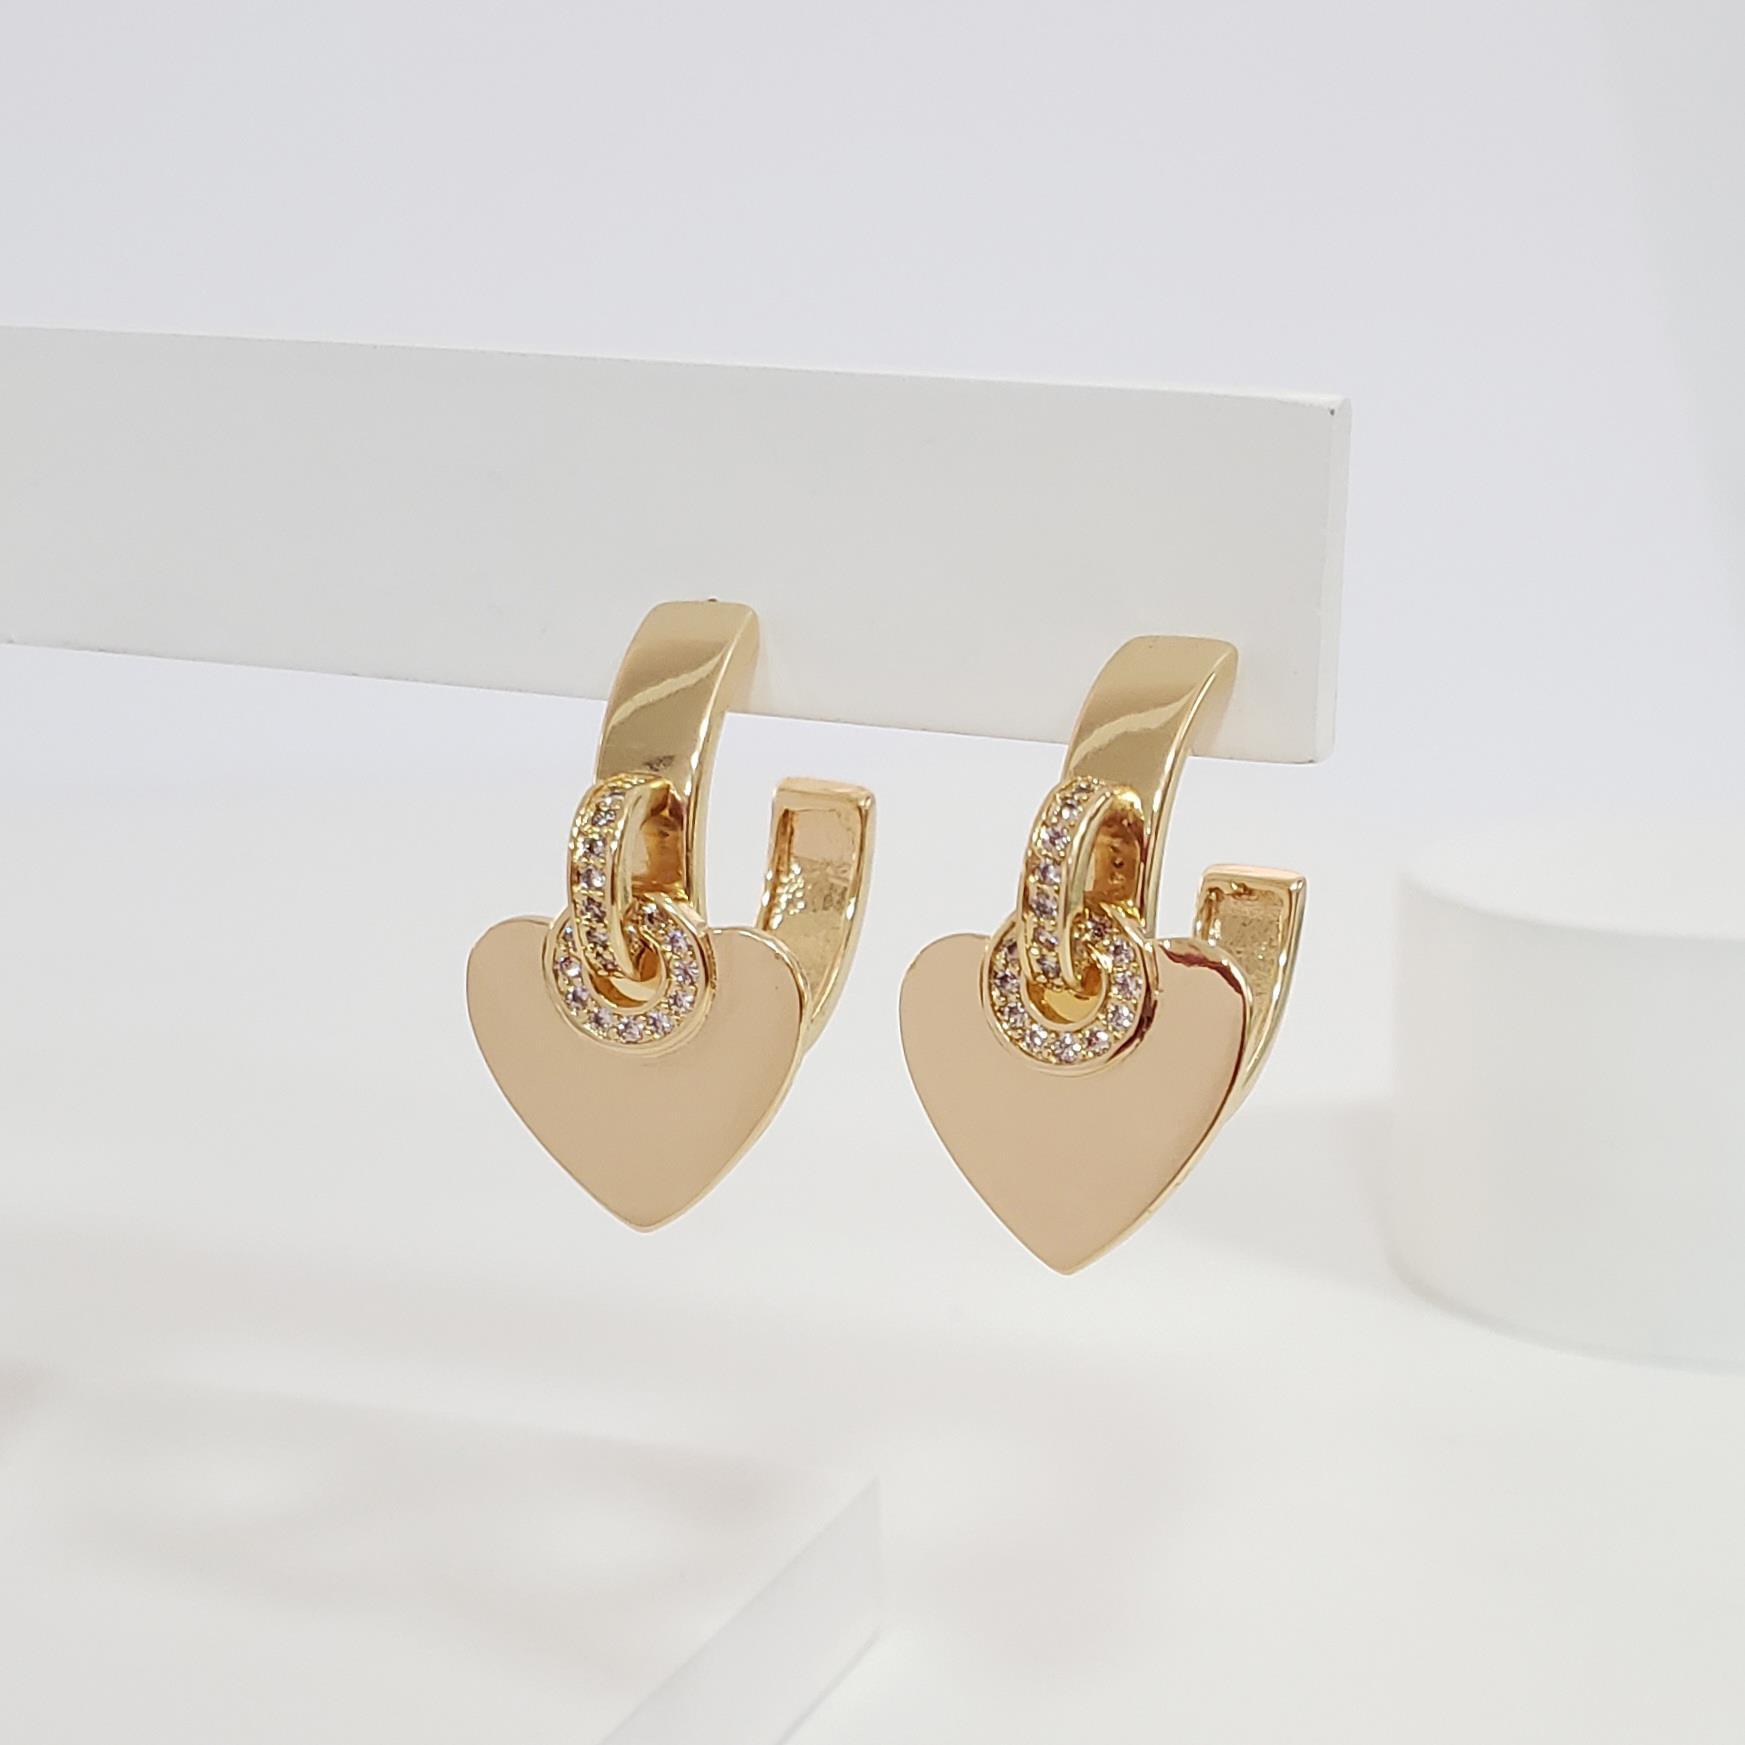 Brinco Argola 2,1cm Reta com Coração Centro Zircônia Ouro 18k Semijoia